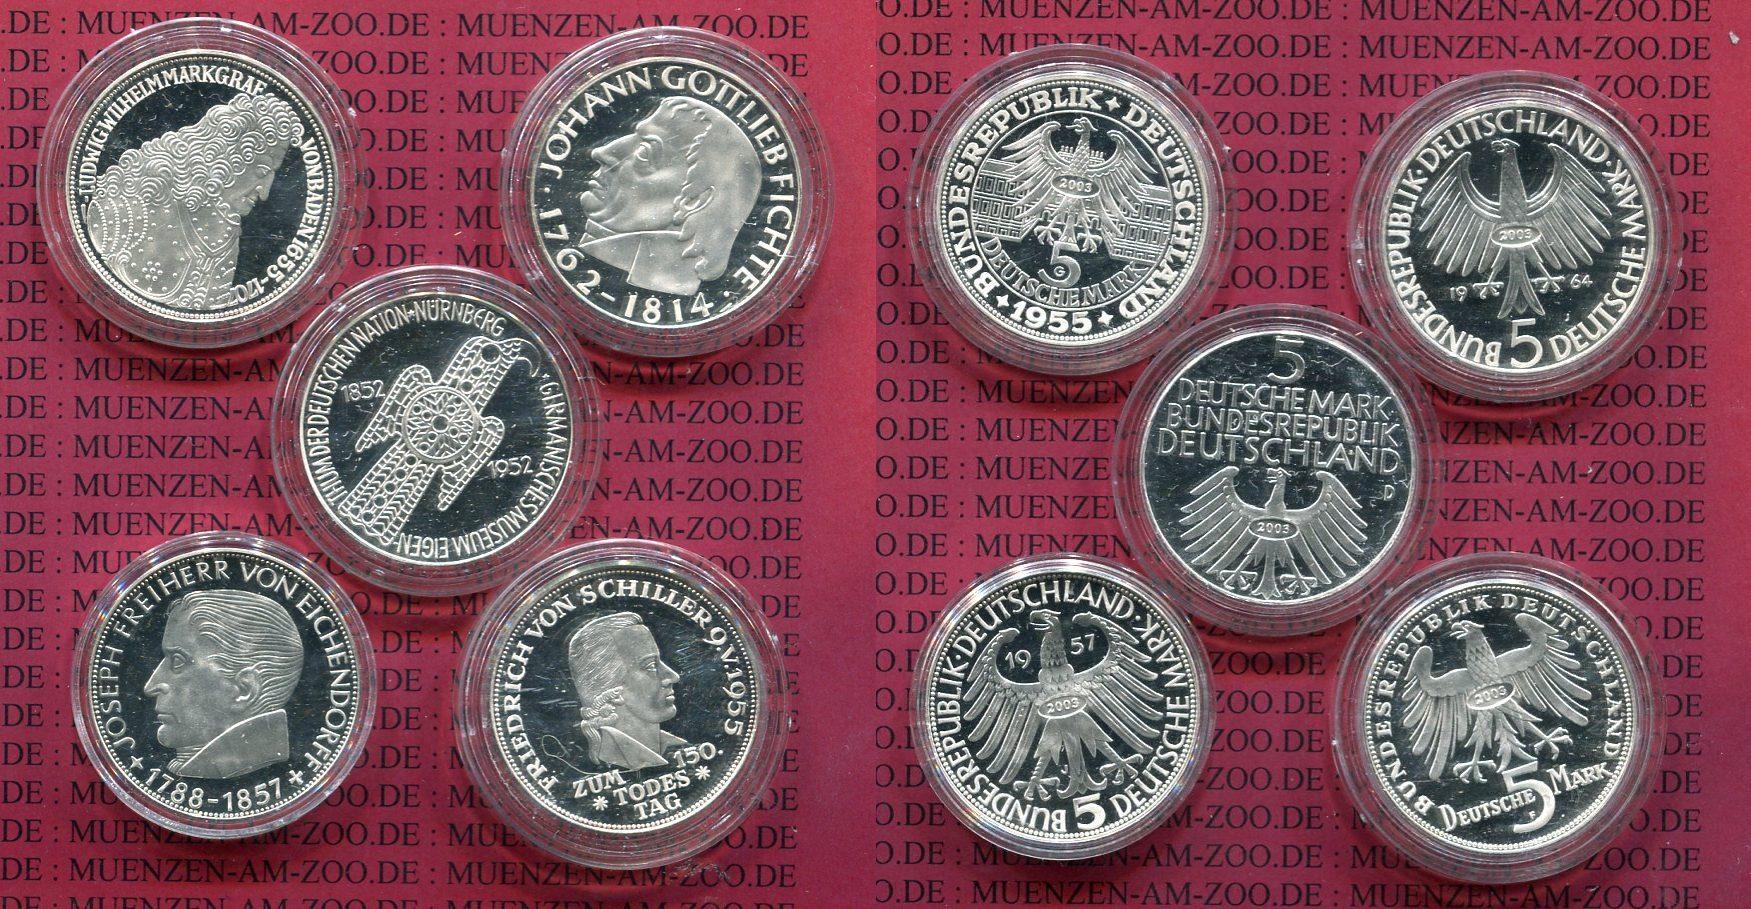 Replikensatz Die Ersten Fünf 5 Dm Münzen 2003 Bundesrepublik Deutschland Replikensatz Die Ersten Fünf 5 Dm Gedenkmünzen Polierte Platte Polierte